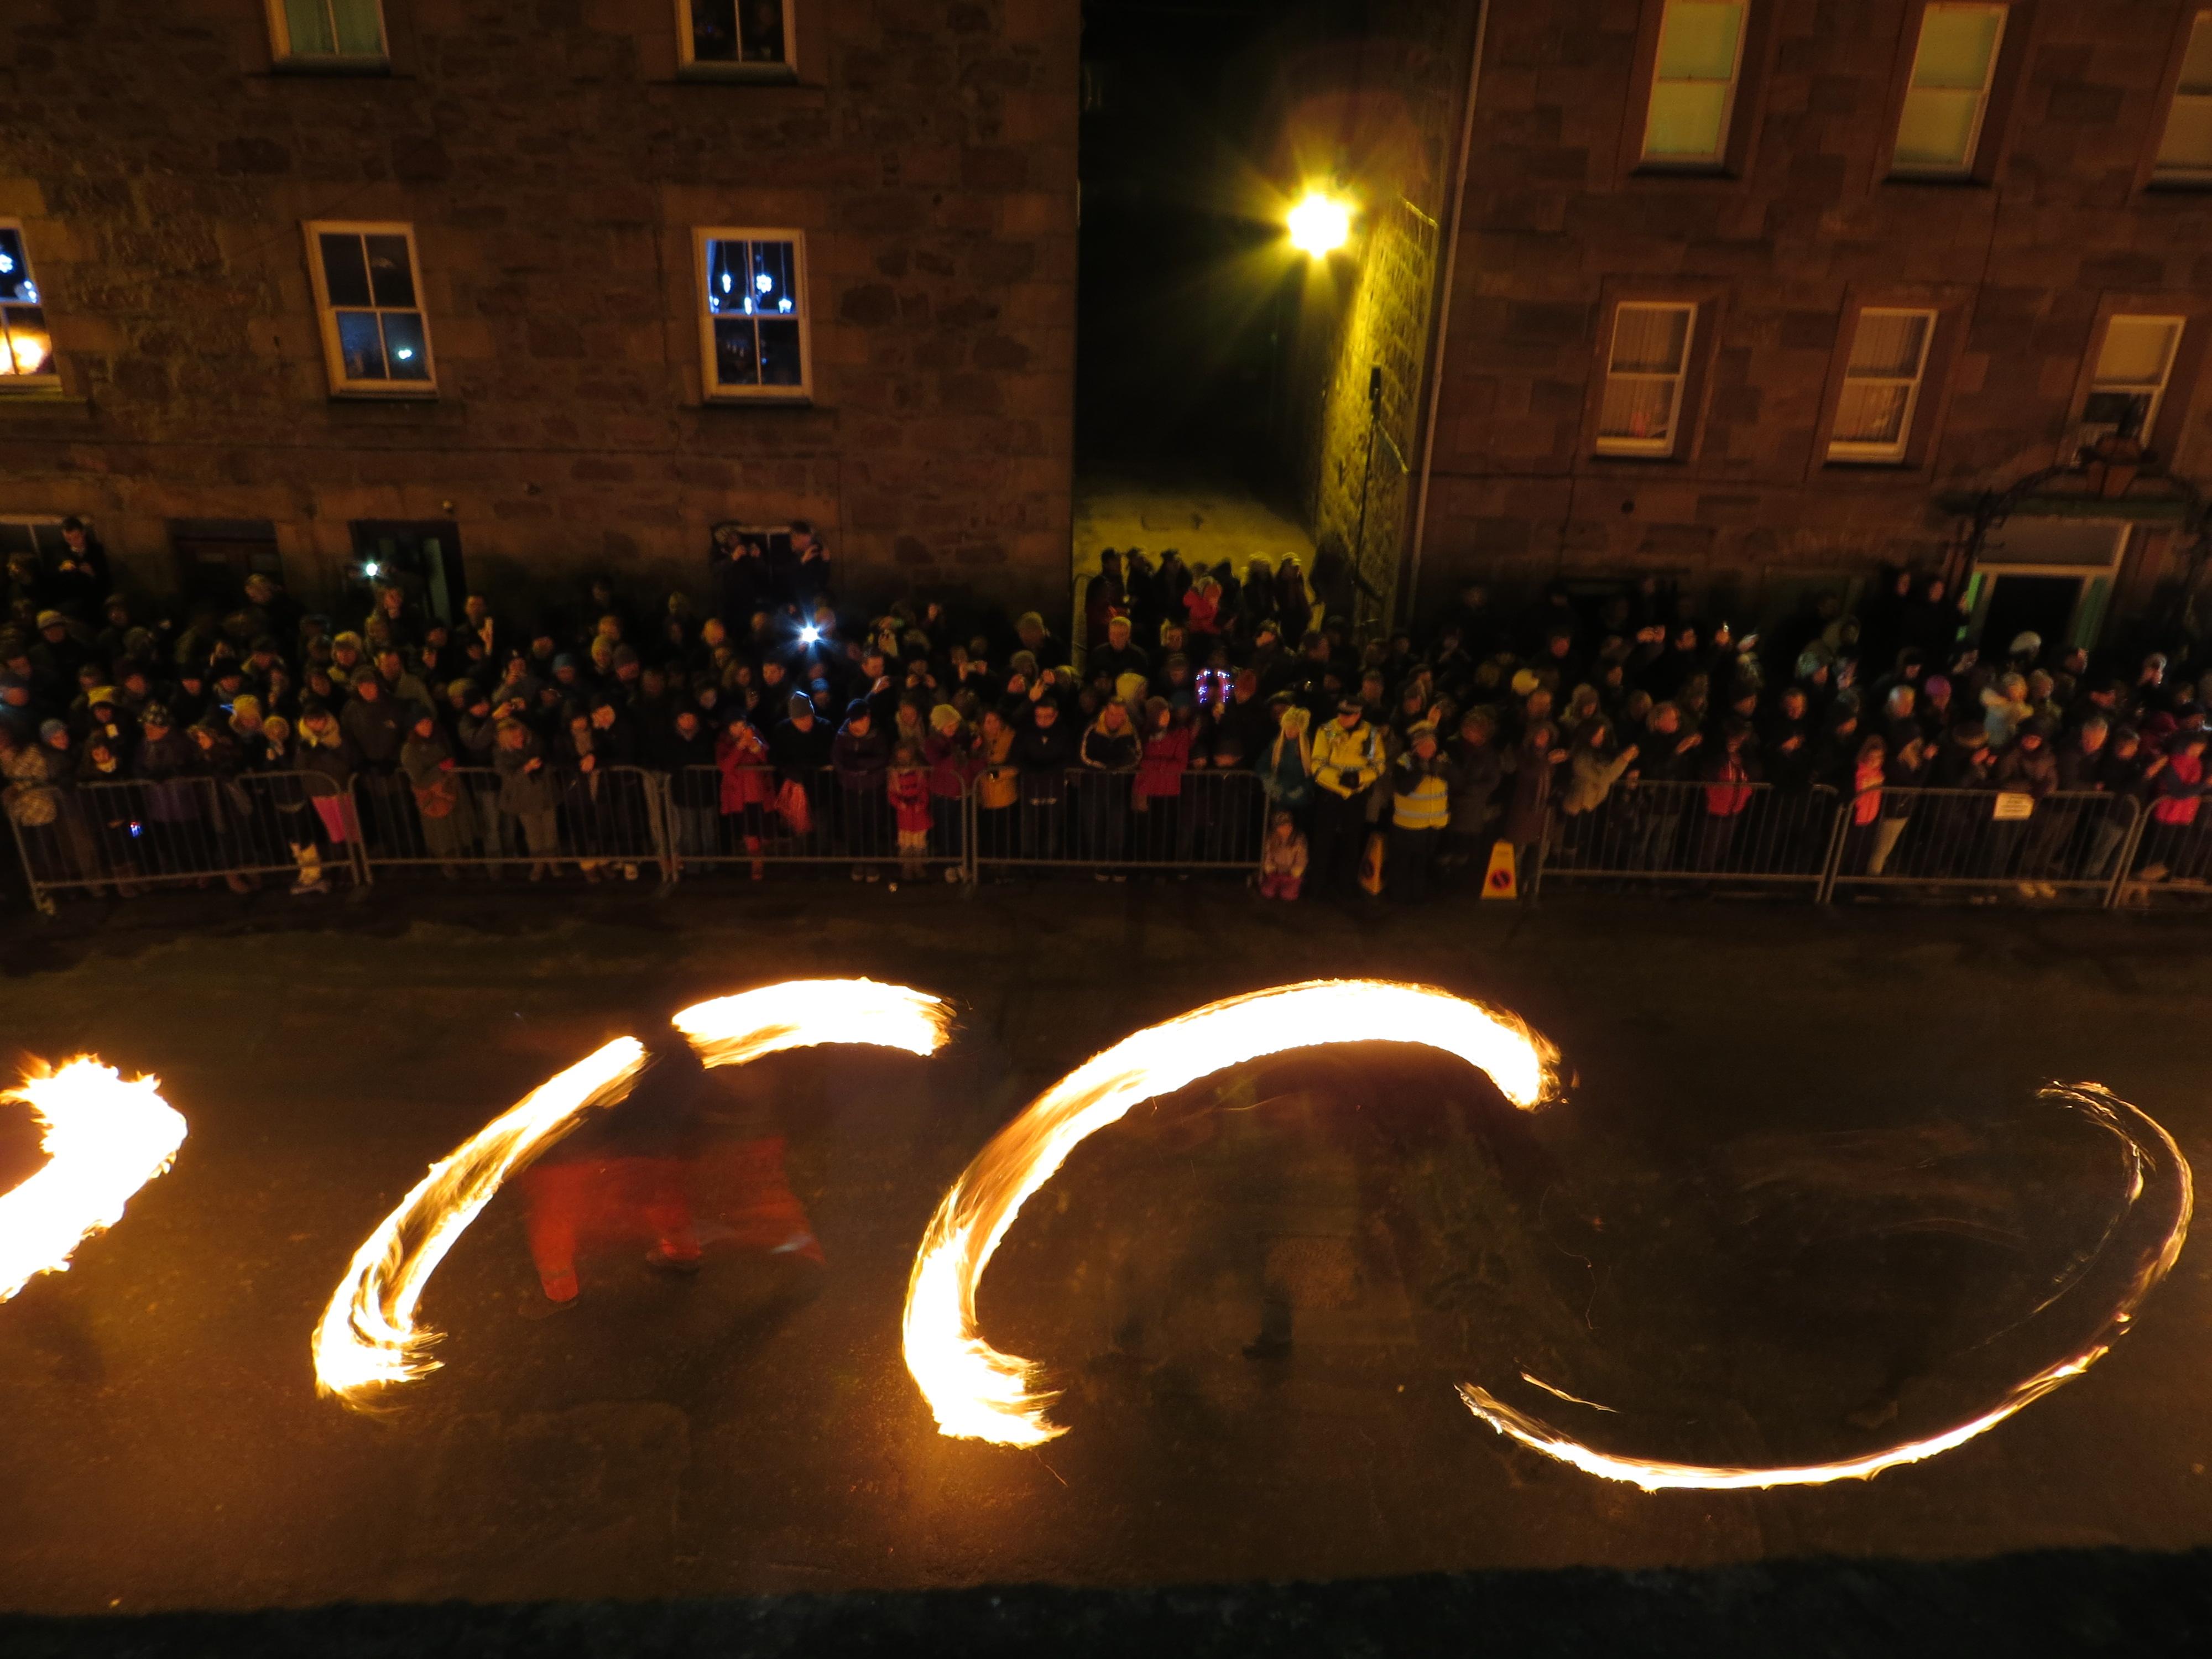 The Fireballs, Stonehaven, Scotland